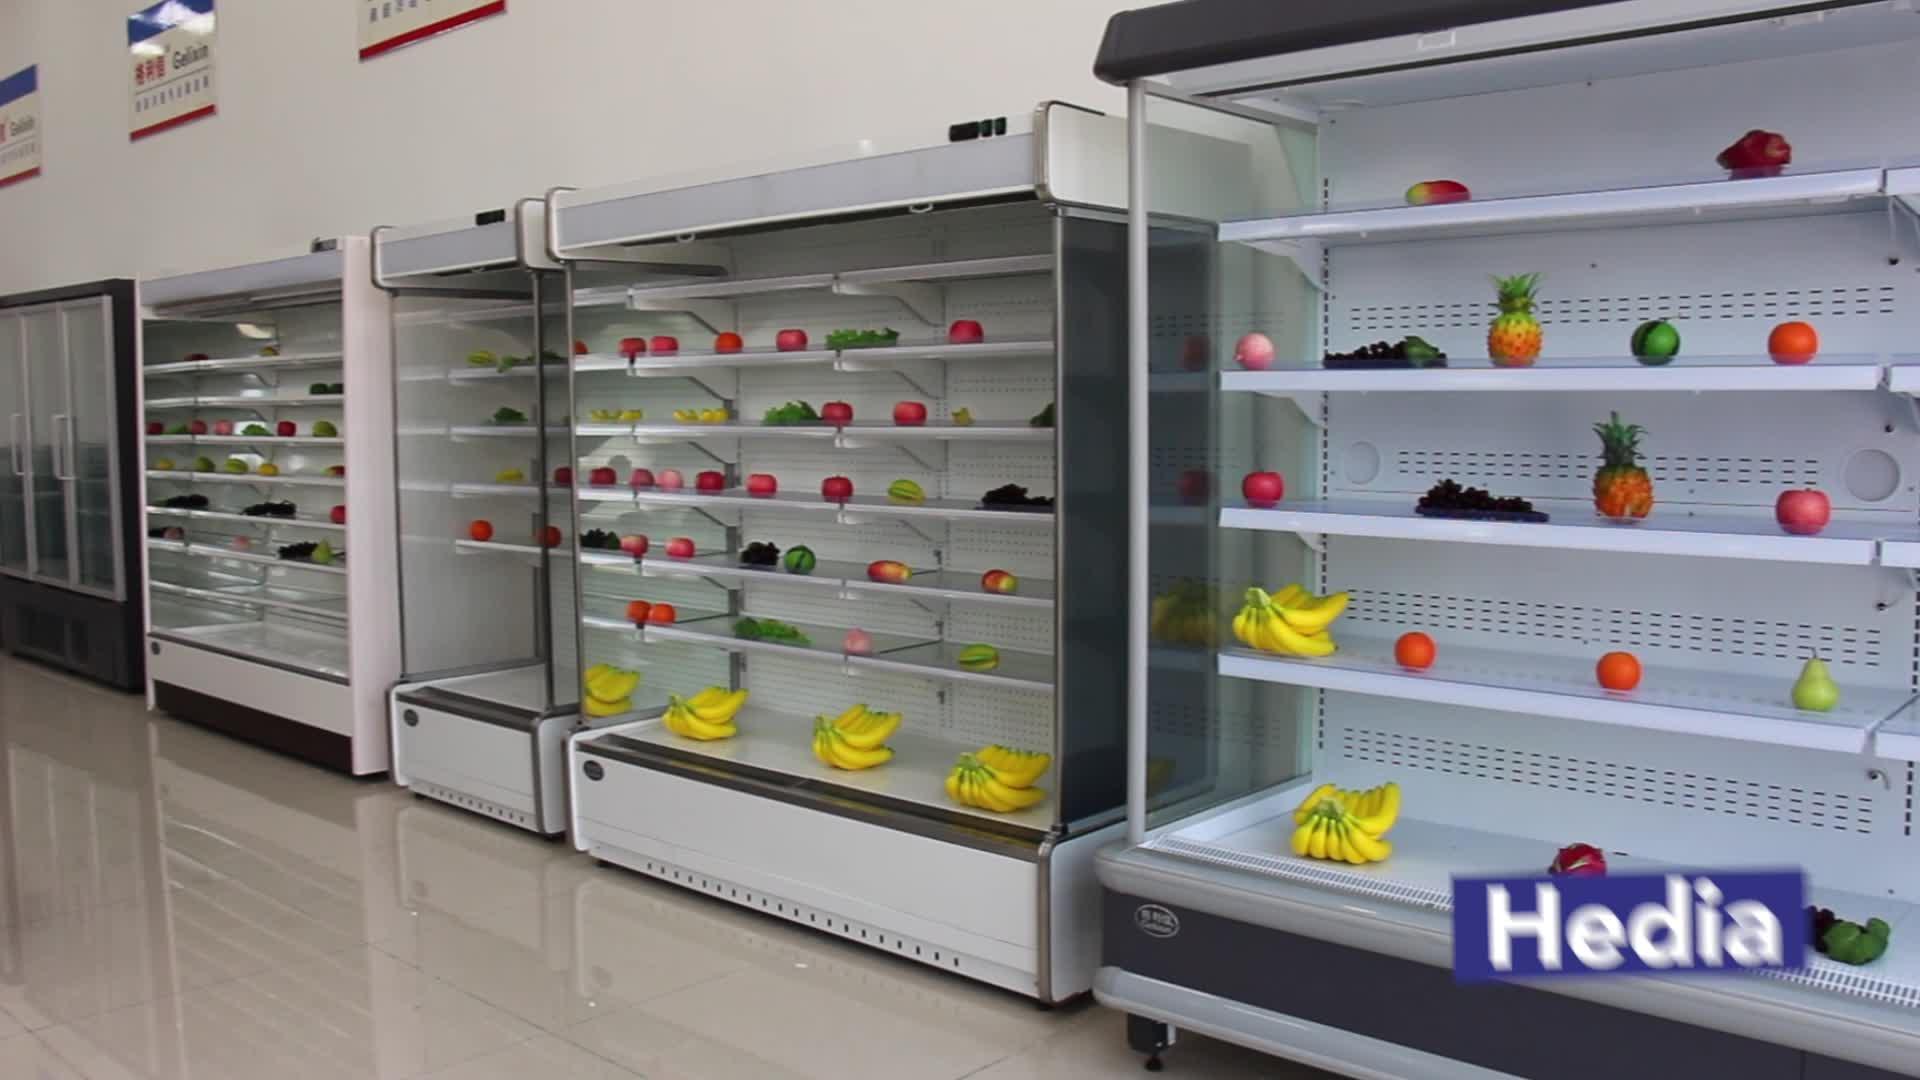 चीन निर्माता ऊपरवाला रेफ्रिजरेटर सुपरमार्केट या फल और सब्जी दुकानों के लिए इस्तेमाल किया